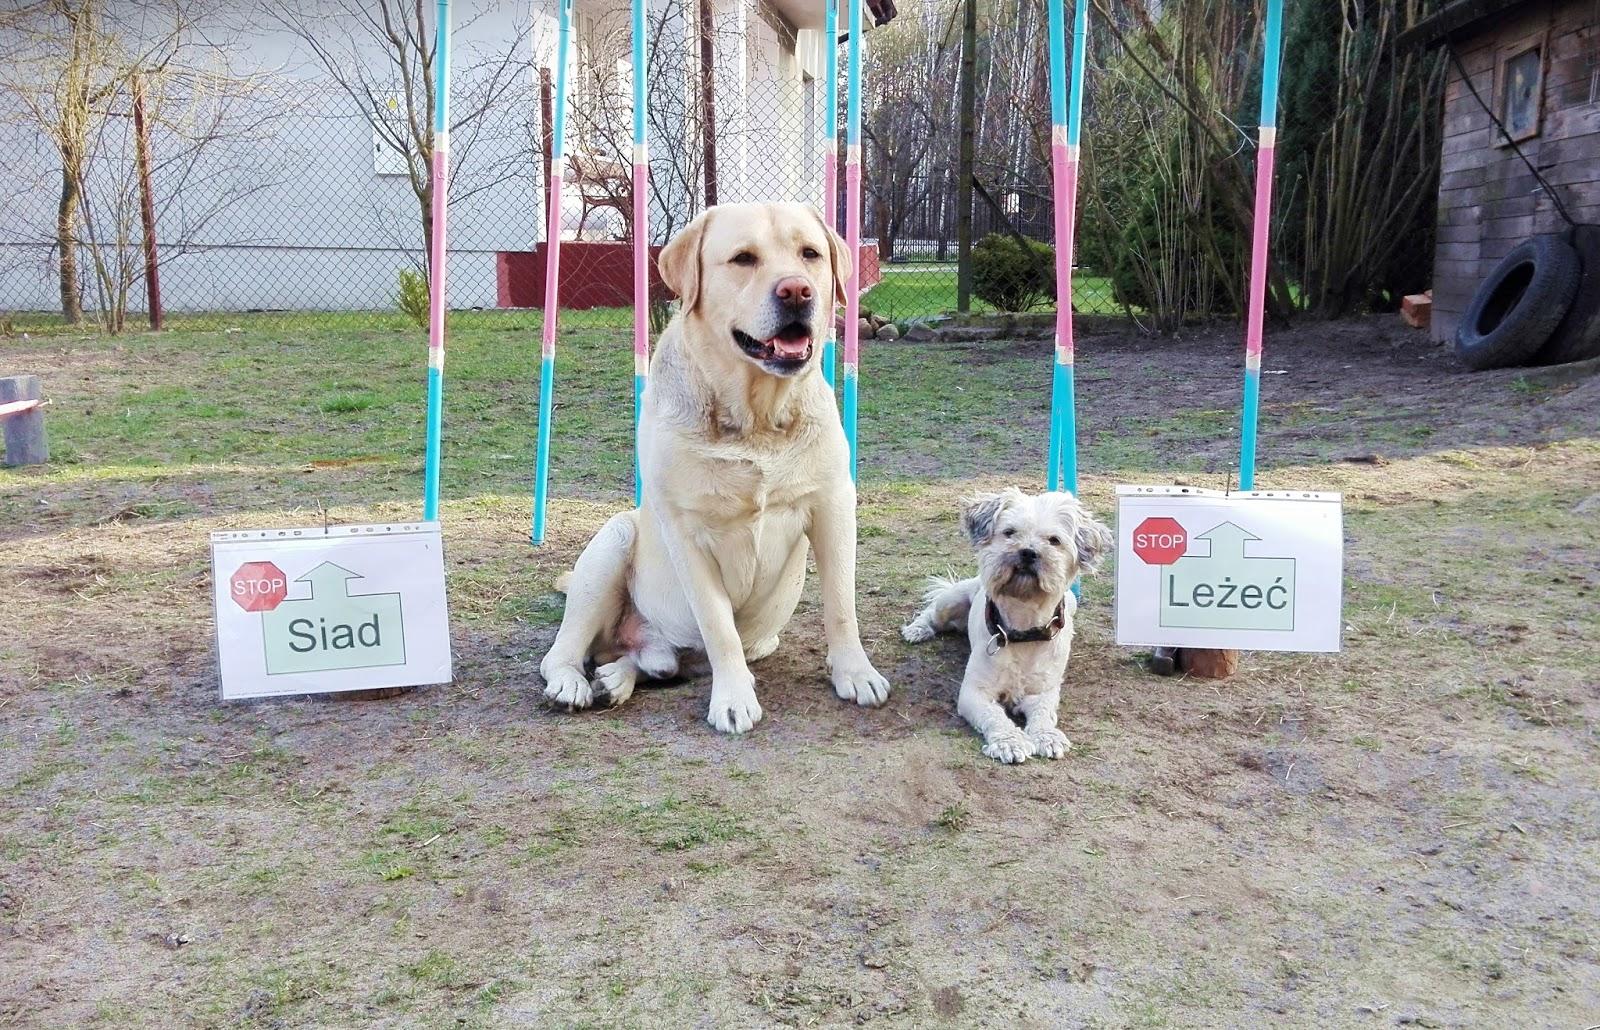 jak nauczyć psa komendy siad, jak nauczyć psa komendy leżeć, jak wychować psa, blog o psach, psiolubni.com.pl